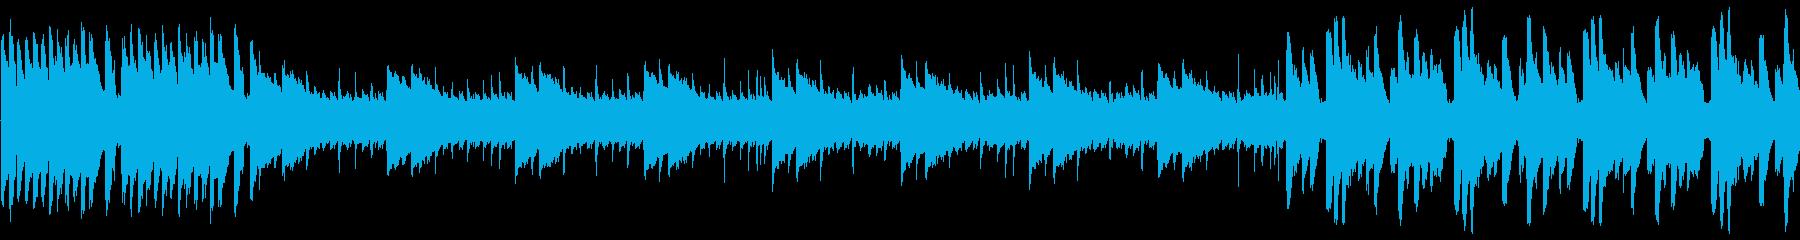 8bit ポップでコミカルな宇宙 ループの再生済みの波形